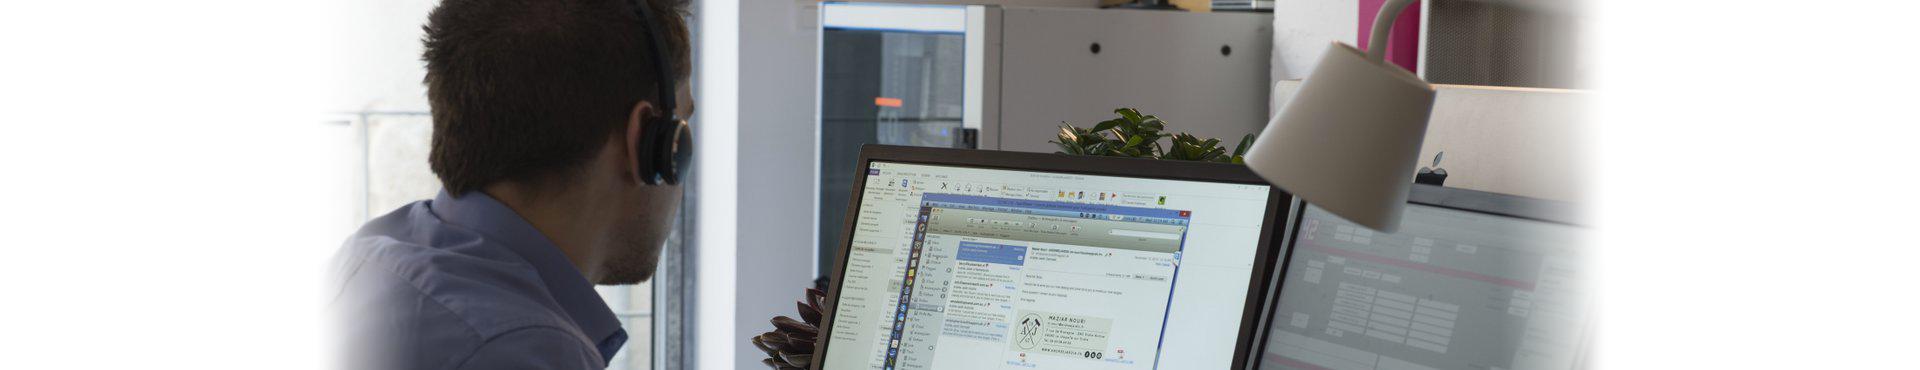 Image d'un technicien en opération de télé-maintenance informatique